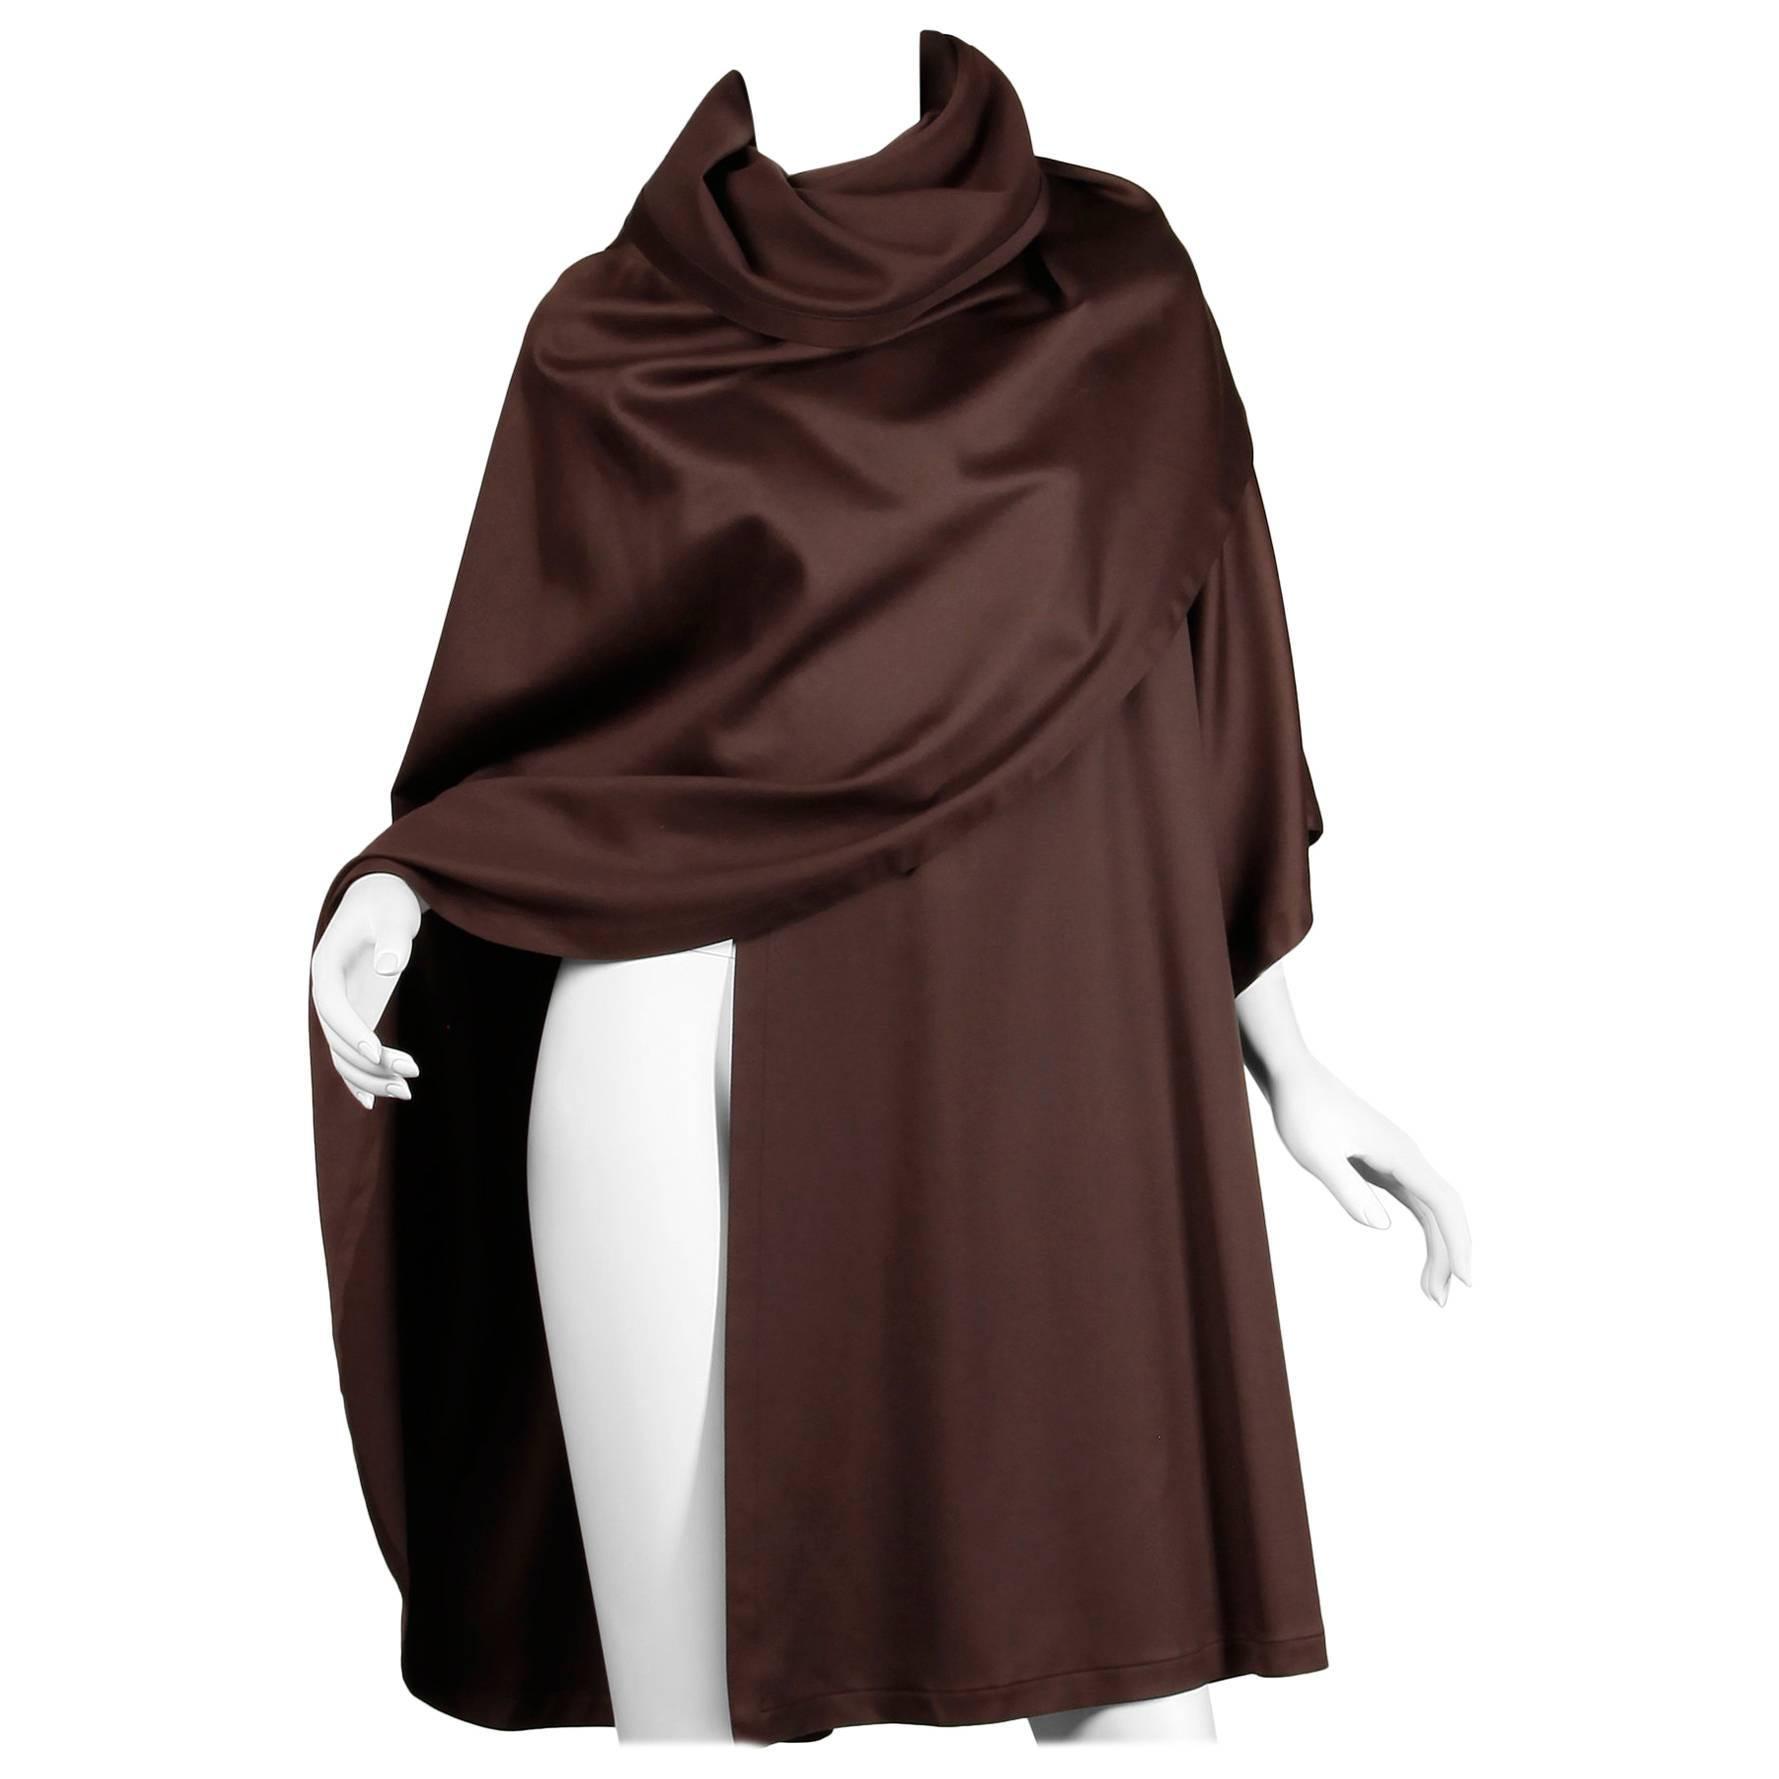 Bernard Perris Vintage Brown Wool / Silk Avant Garde Cape Coat, 1980s